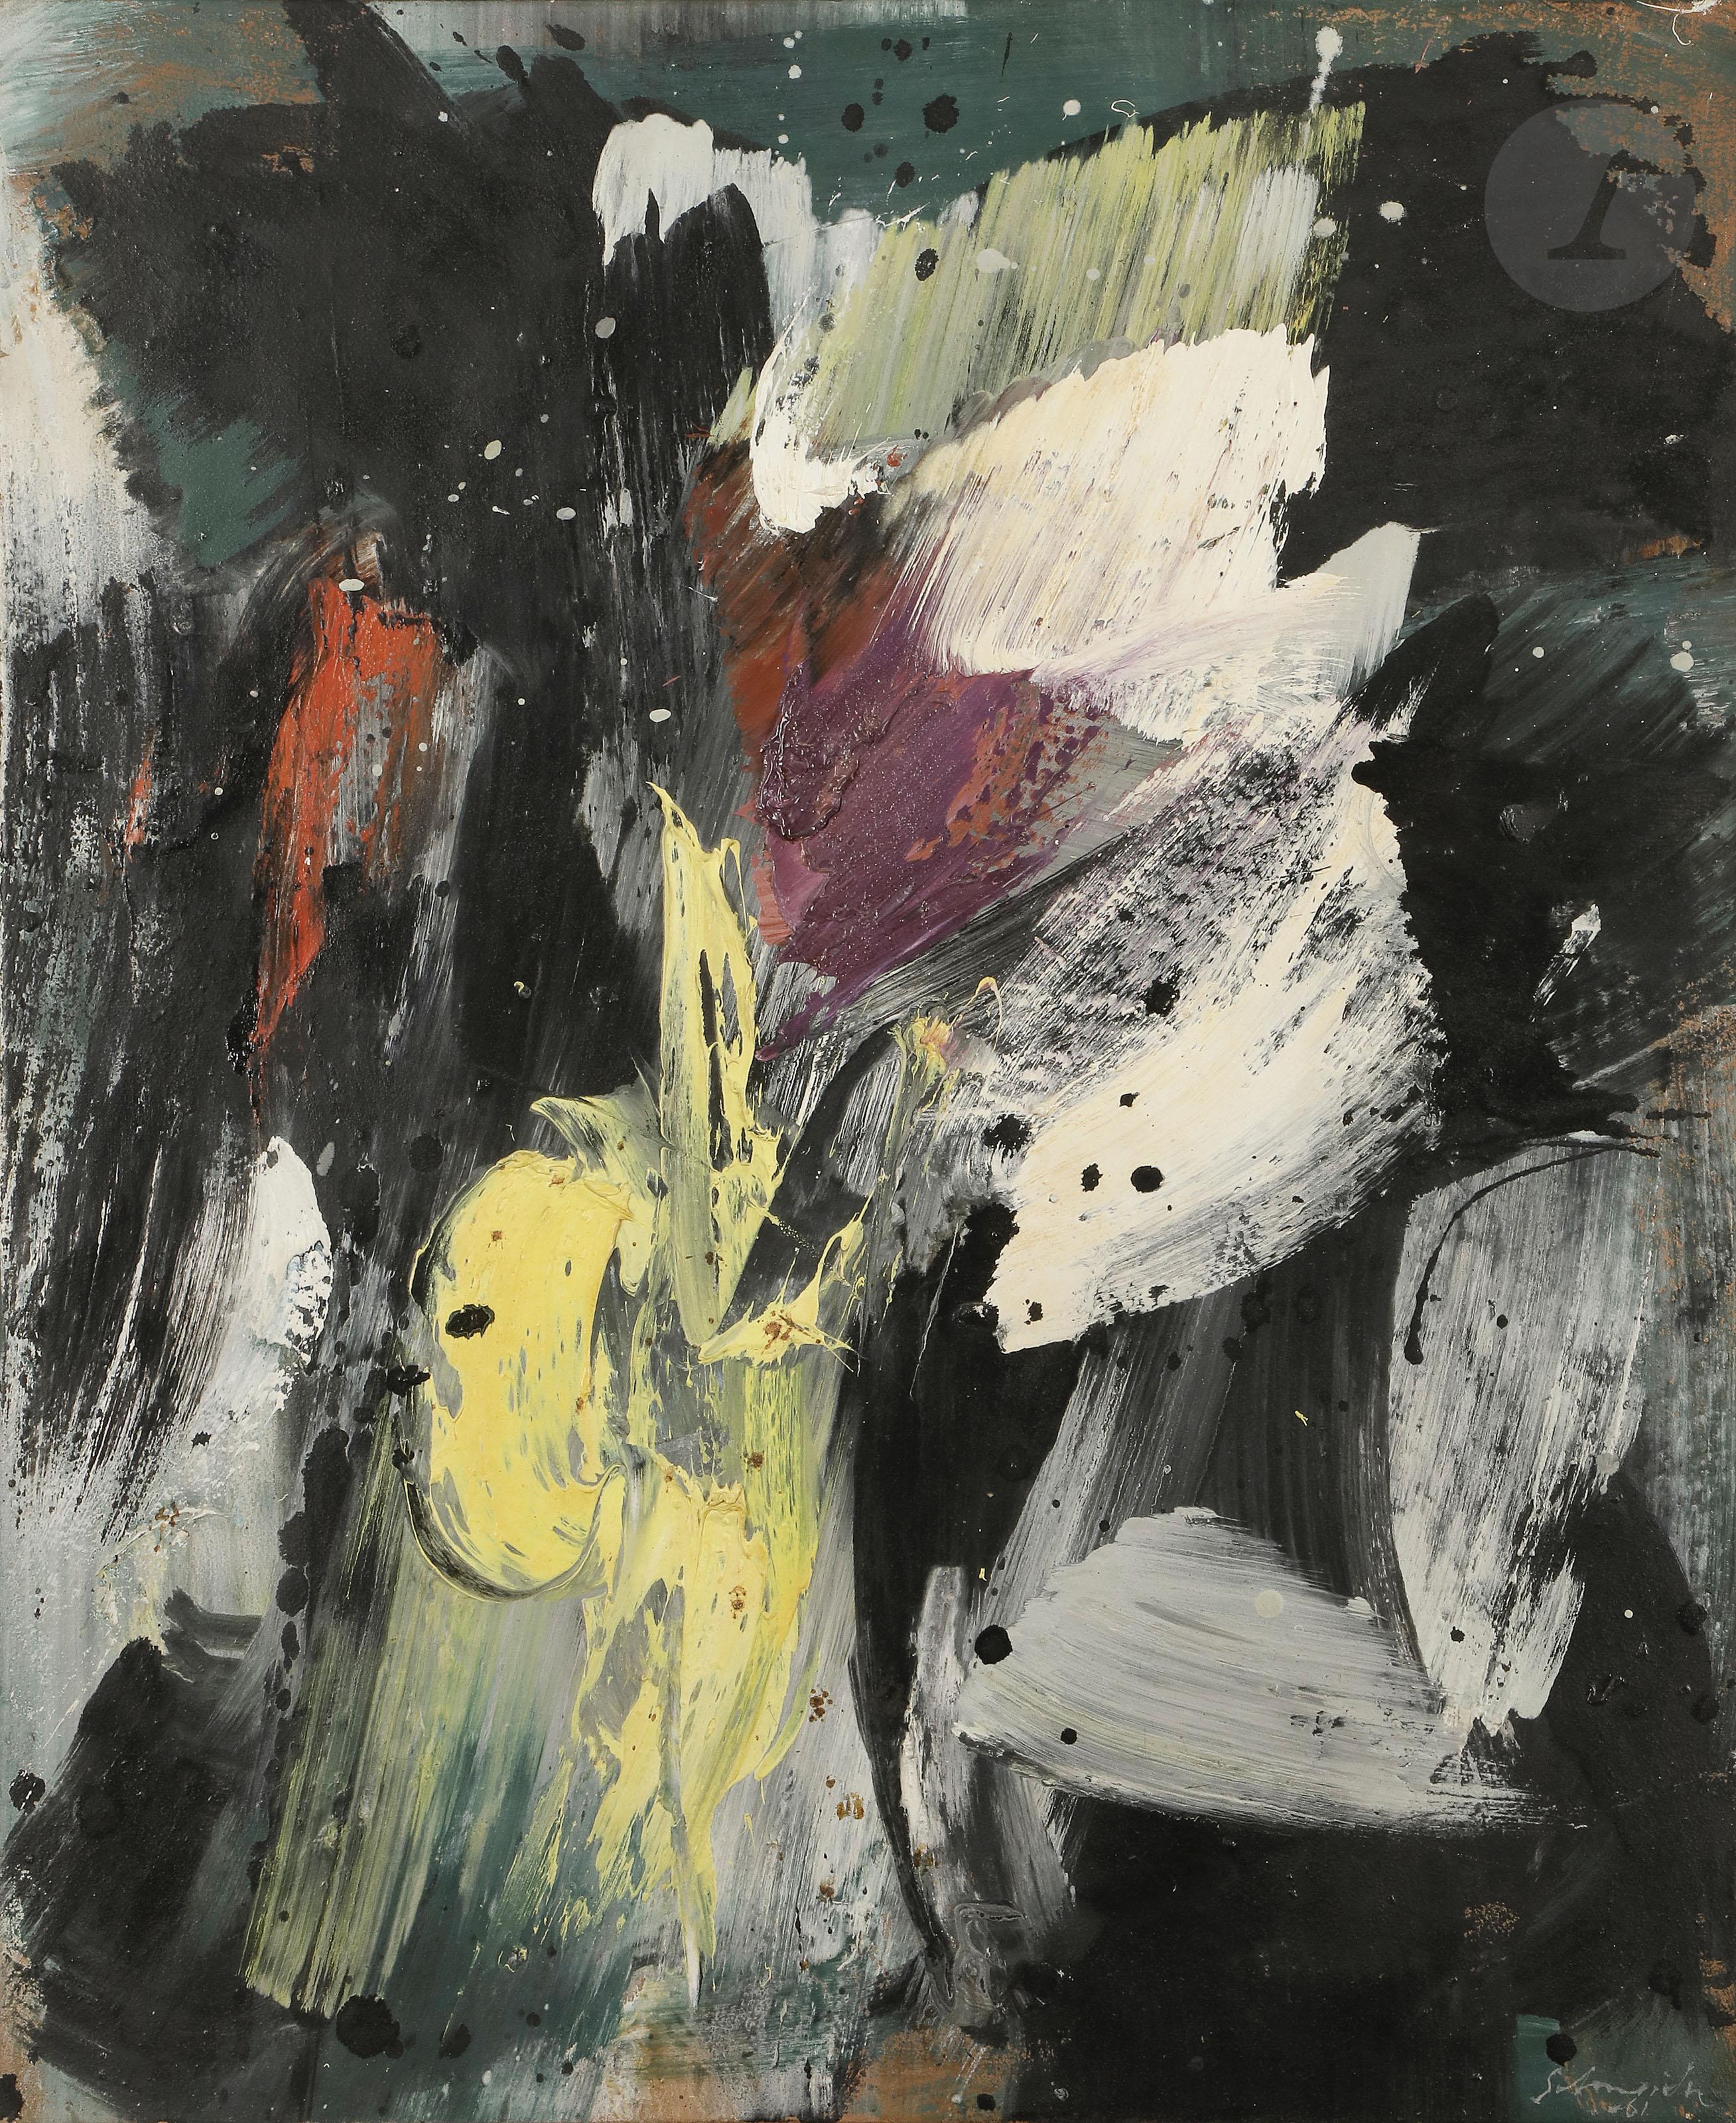 Lot 54 - *Gérard SCHNEIDER (1896-1986)Opus 13F, 1961Huile sur toile.Signée et datée en bas à droite.Titrée et